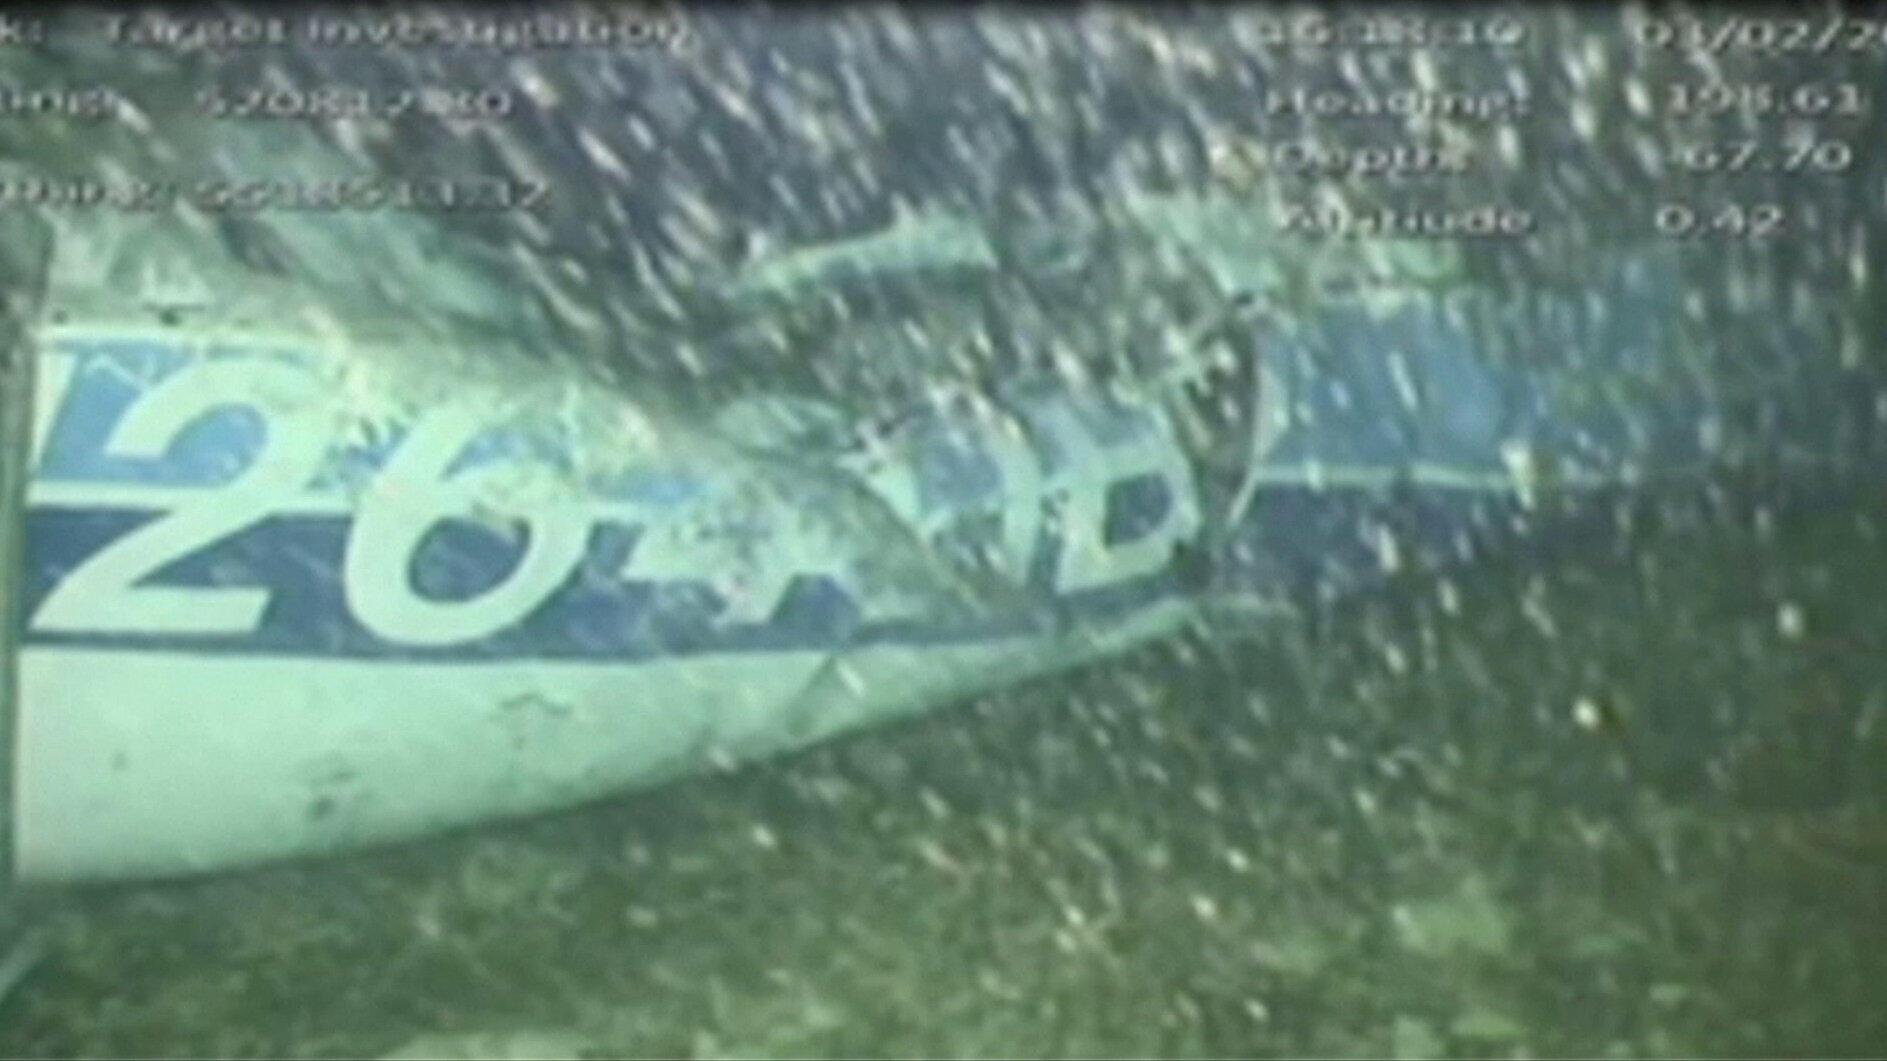 Os destroços da aeronave desaparecida que levava o jogador de futebol Emiliano Sala foram encontrados no fundo do mar perto de Guernsey, nesta foto tirada de um vídeo feito em 3 de fevereiro de 2019.